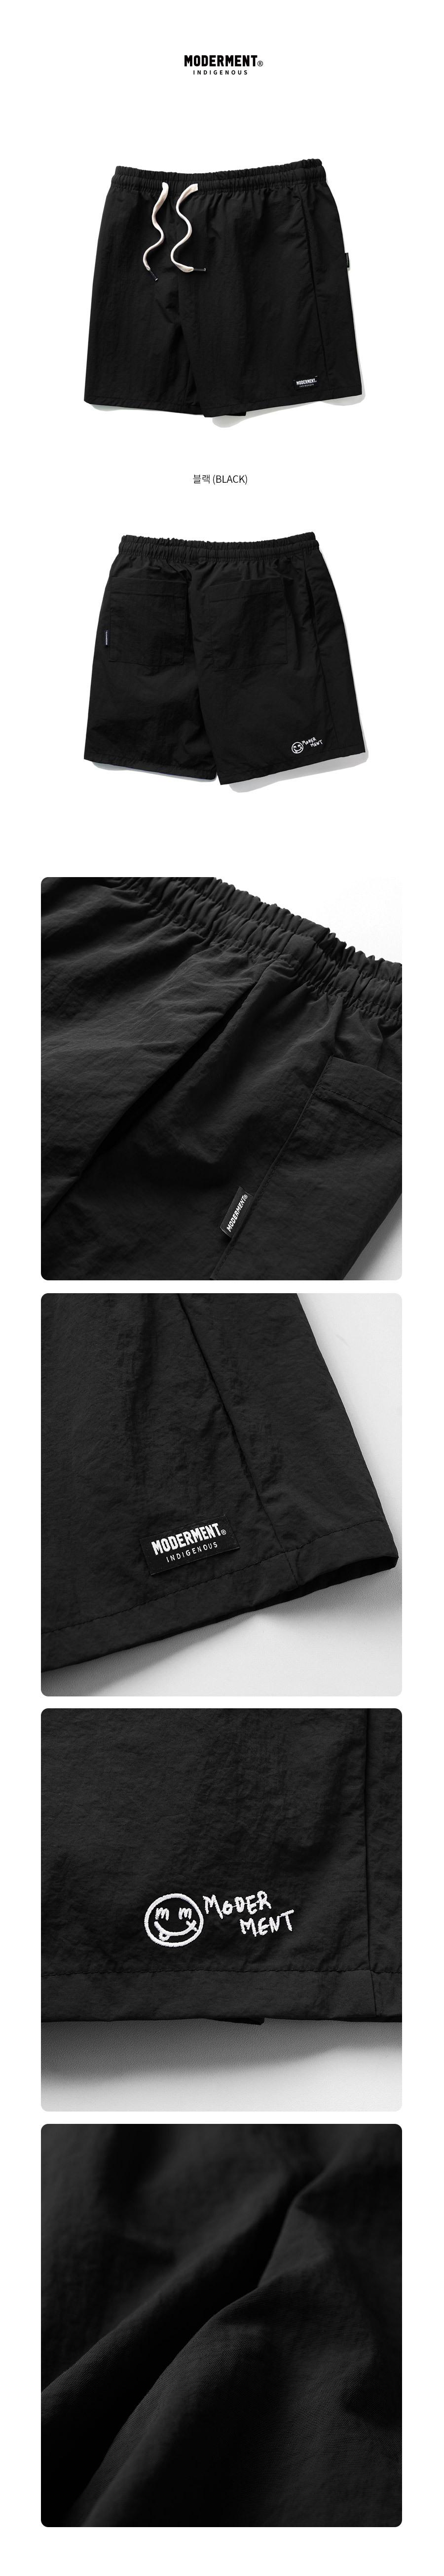 [UNISEX] 유틸리티 하프팬츠 (블랙)